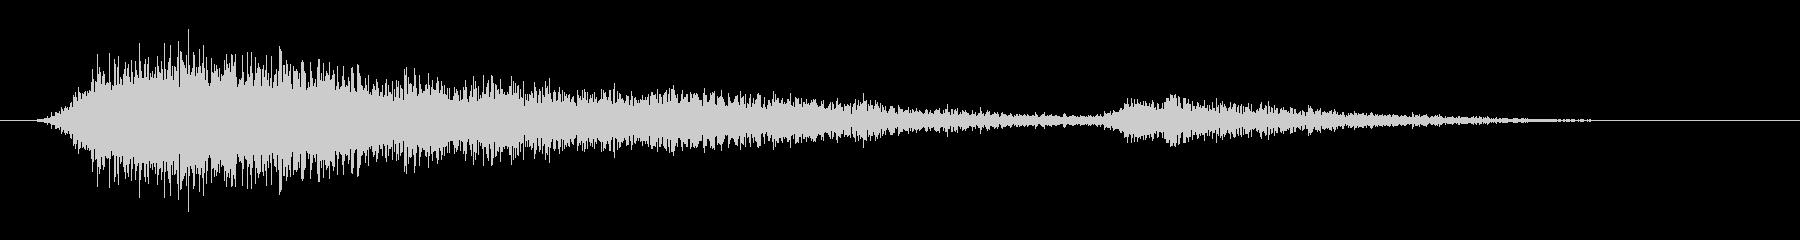 モンスター-遠い死-ロングリバーブの未再生の波形